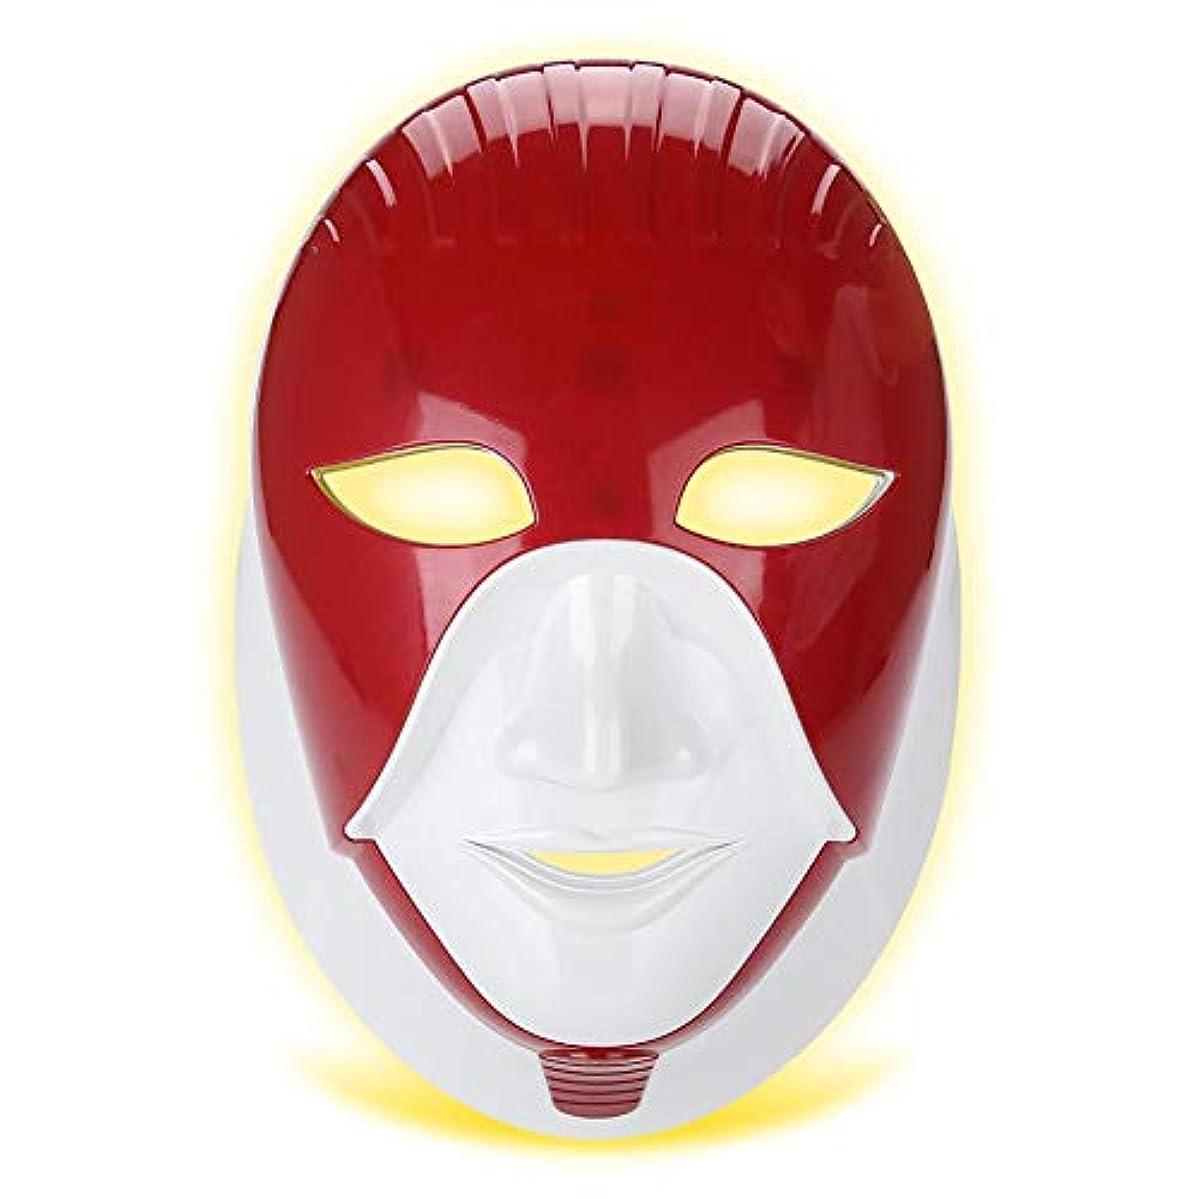 標高乳白文芸LEDフェイシャルネックマスク、滑らかな肌のより良いのための7色のネオン - 輝くライトフェイスケア美容ツール、肌のリラクゼーショング、引き締め、調色、引き締まった肌、瑕疵び、美白(02#)